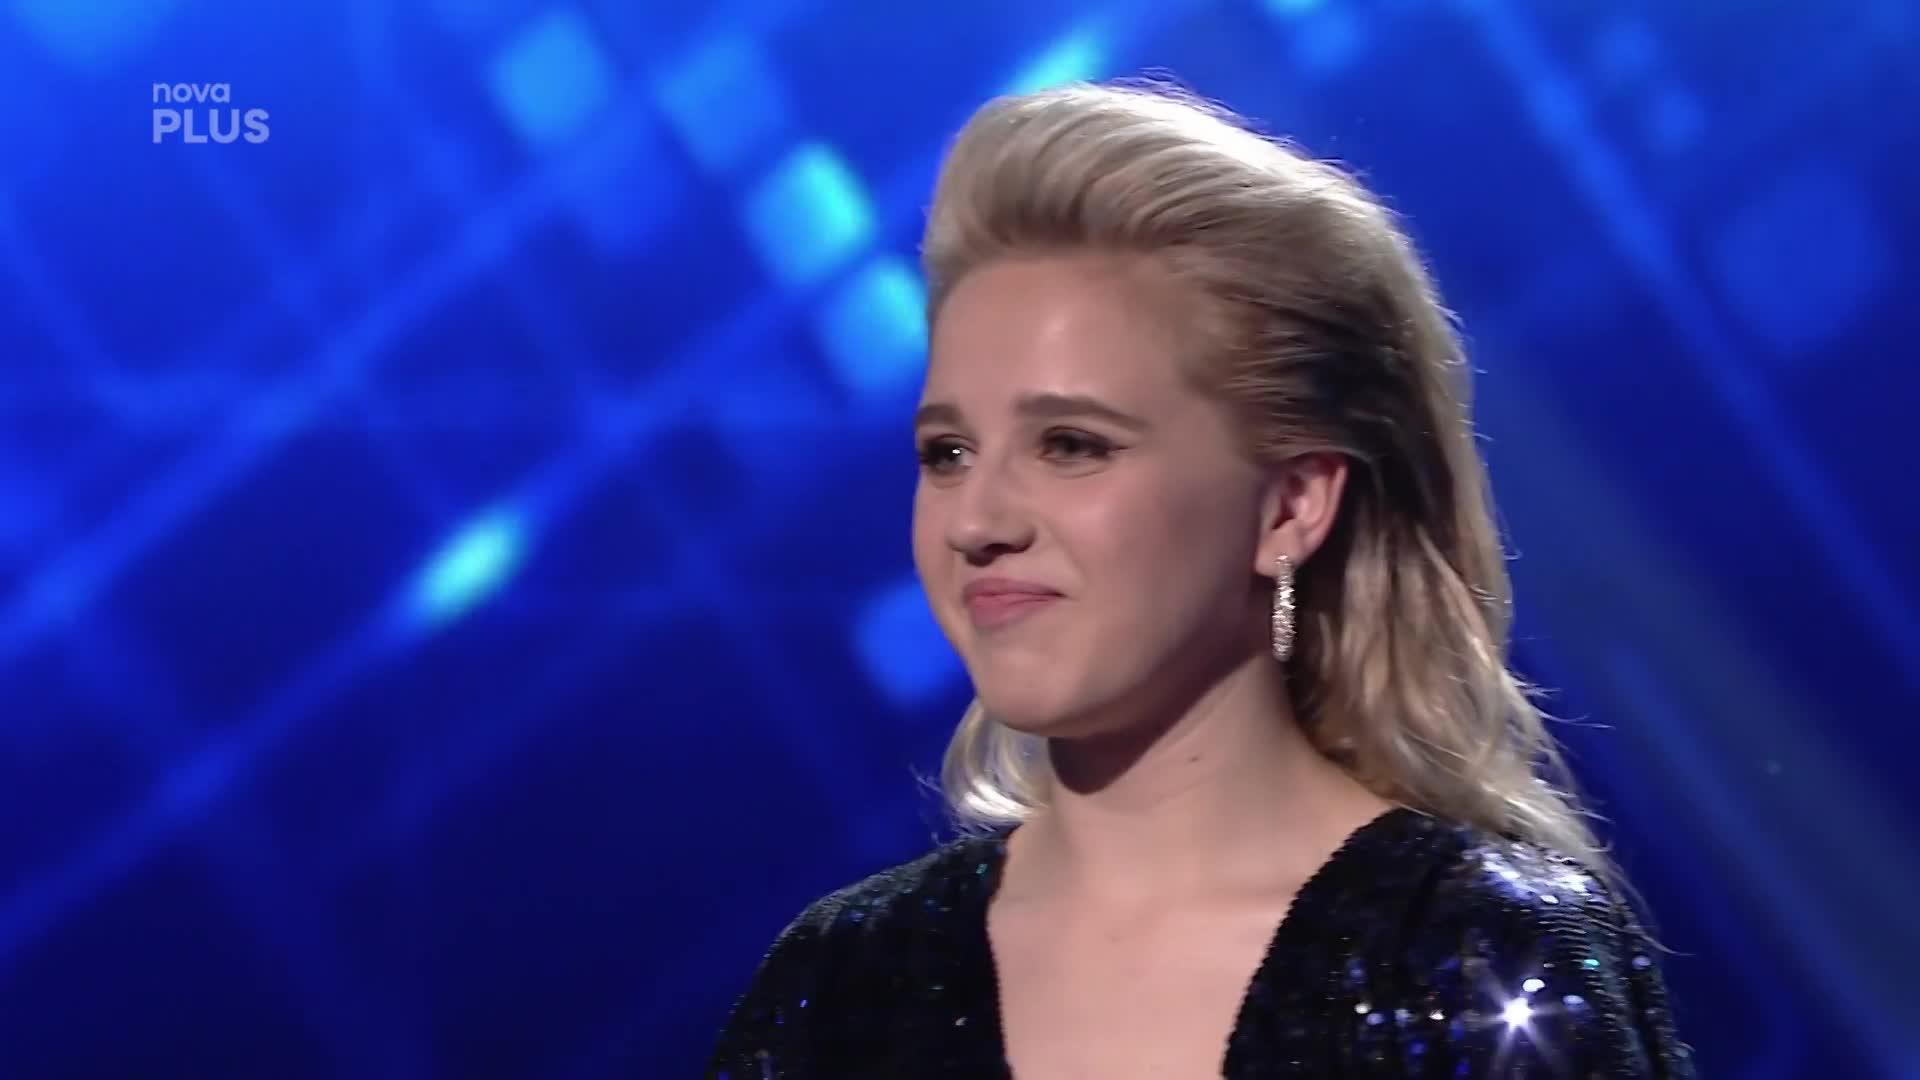 Diana Kovaľová promluvila o druhém místě v SuperStar: Byla zklamaná?